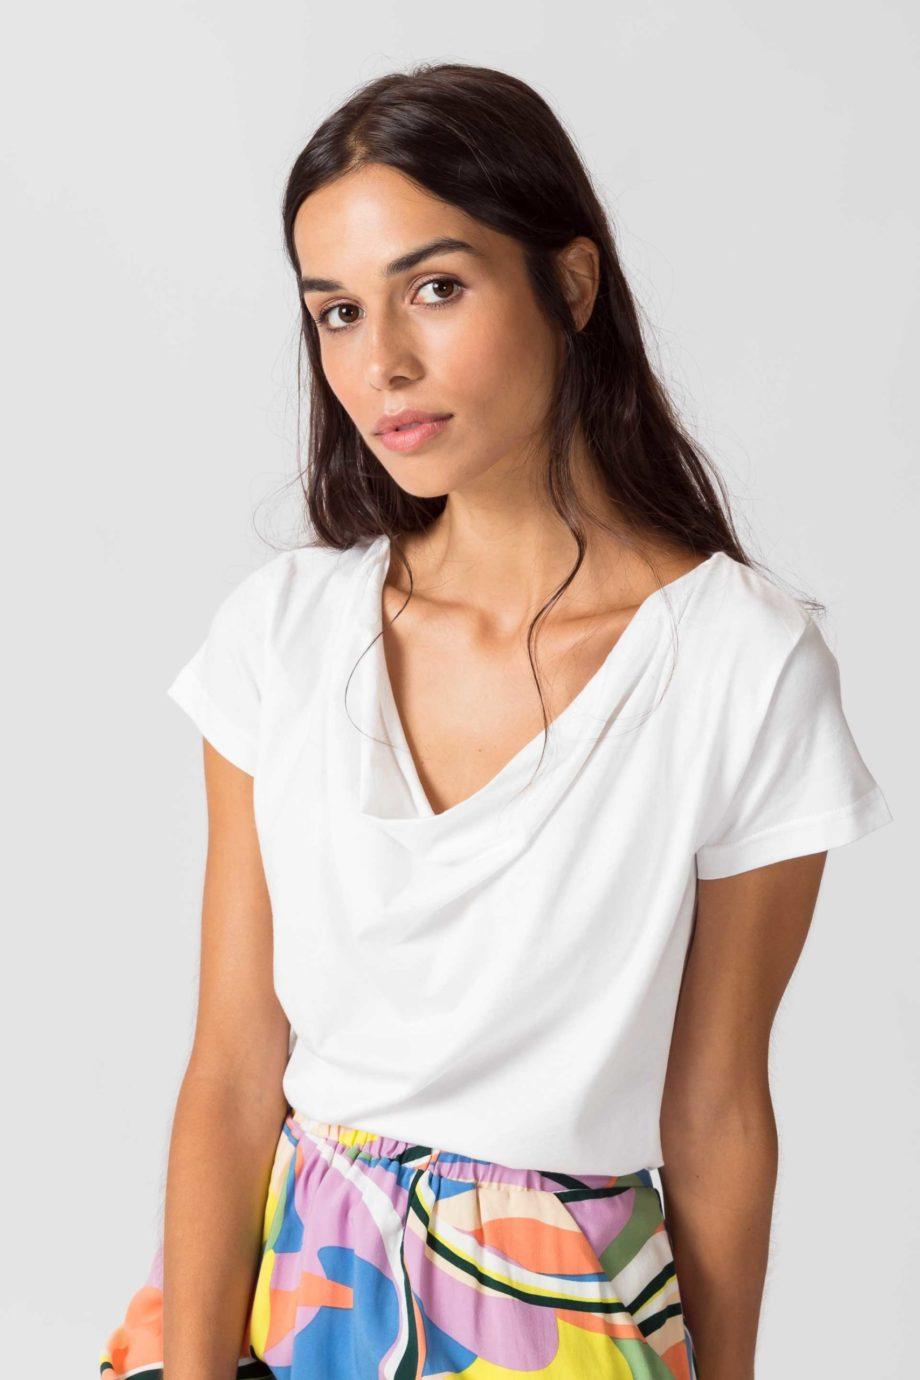 Frau trägt Shirt von SKFK (BAT) aus Biobaumwolle mit kurzen Ärmeln und Wasserfall-Ausschnitt. GOTS und Fairtrade zertifiziert. / Weiß / Vorderansicht / pussyGALORE / Leipzig